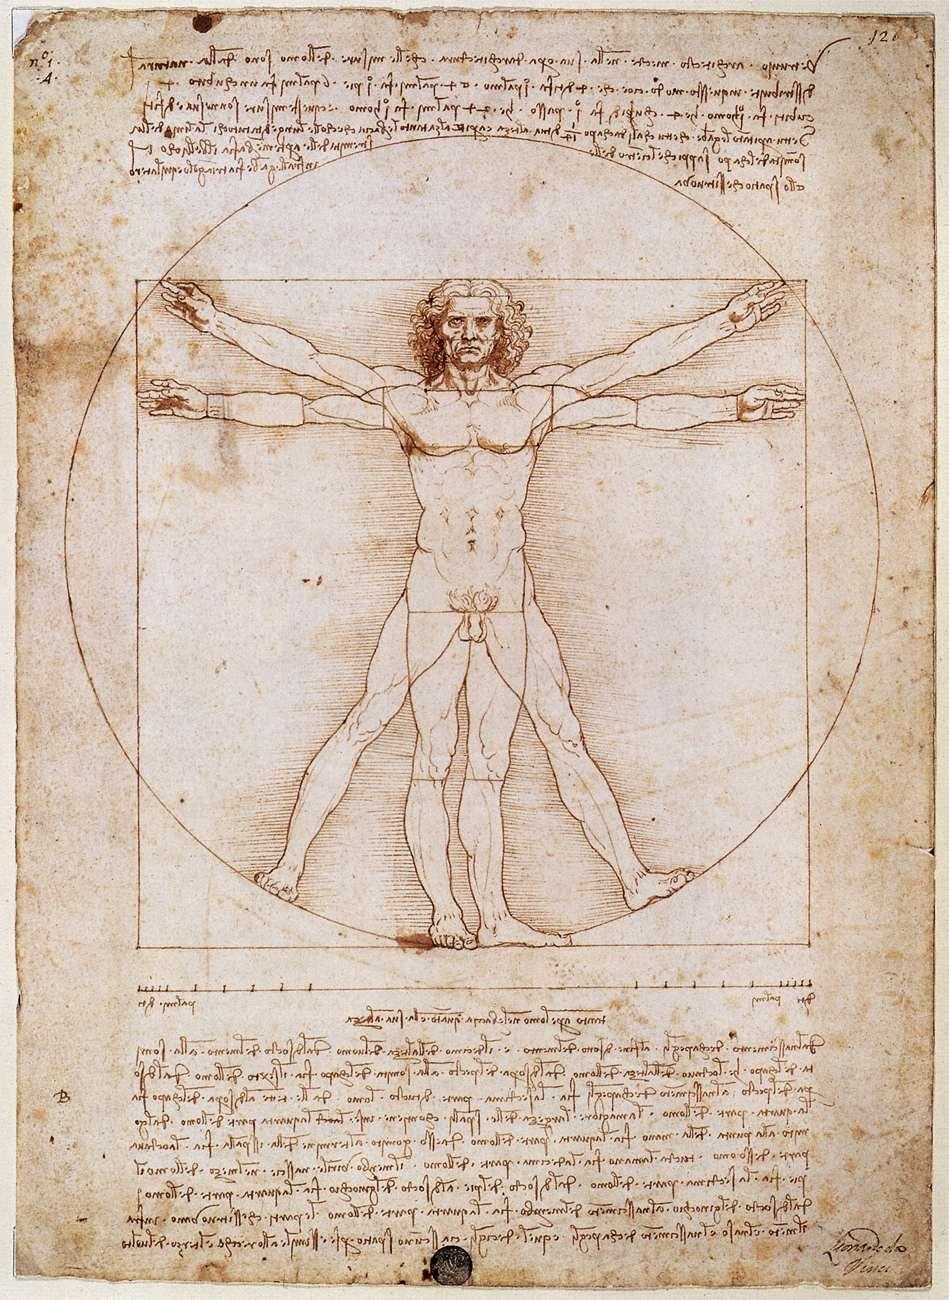 Kopland-Vinci